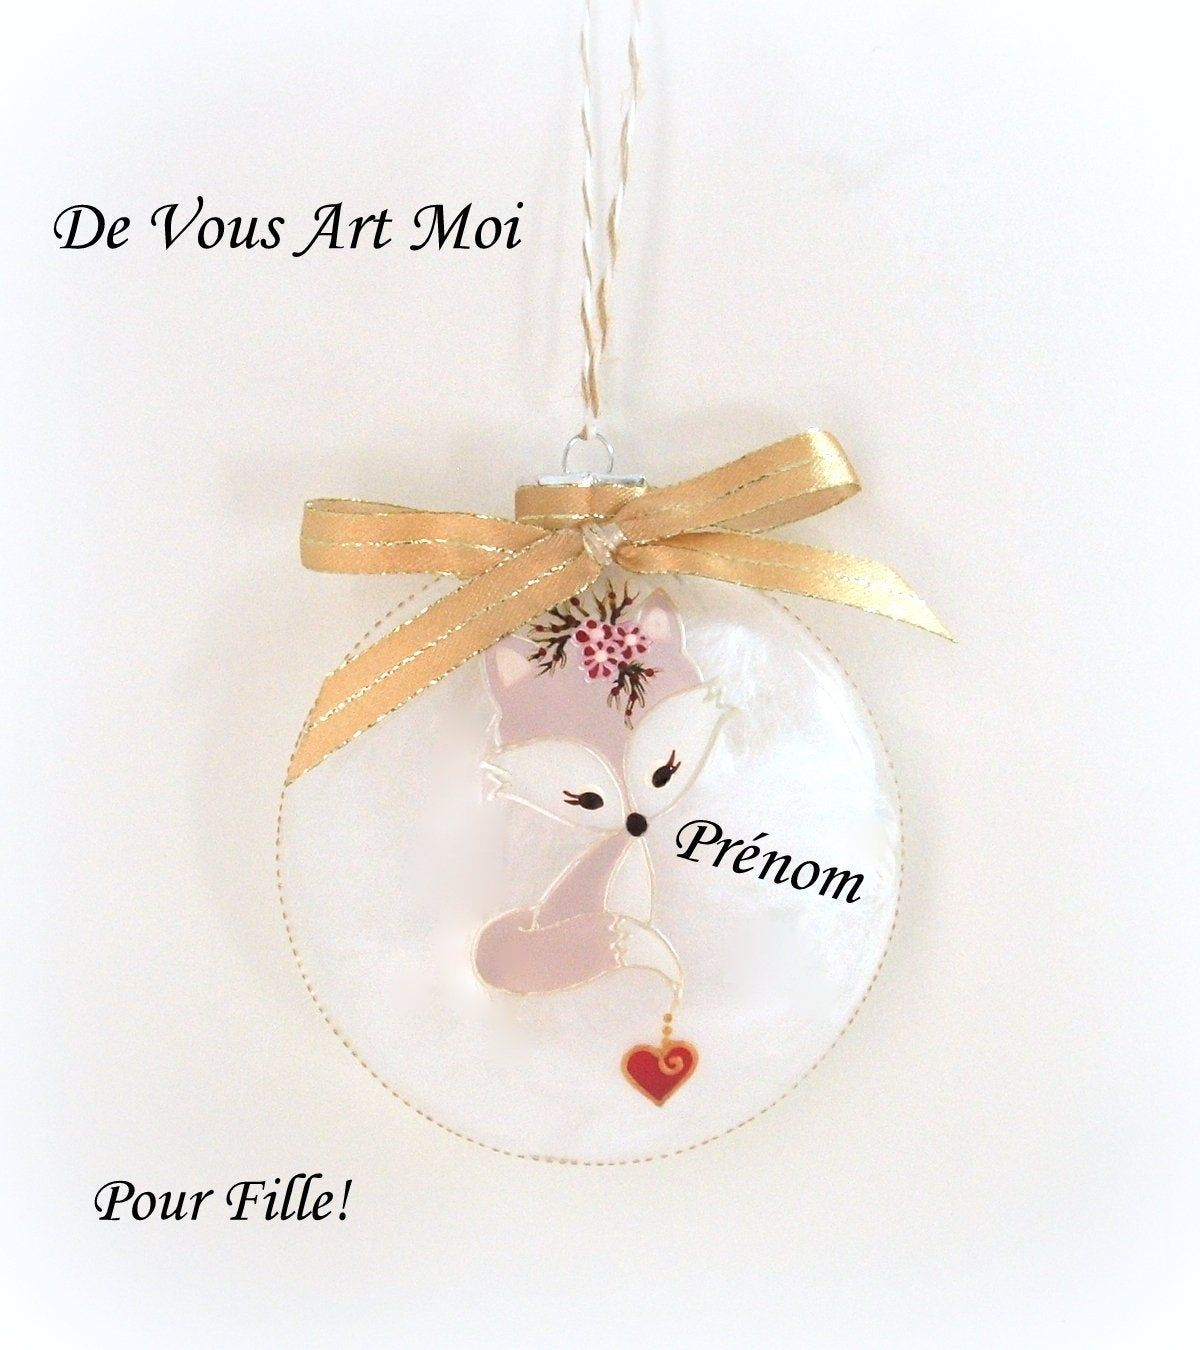 Boule de noël personnalisée,boule renard de Noël,fait main,10cm,artisanale